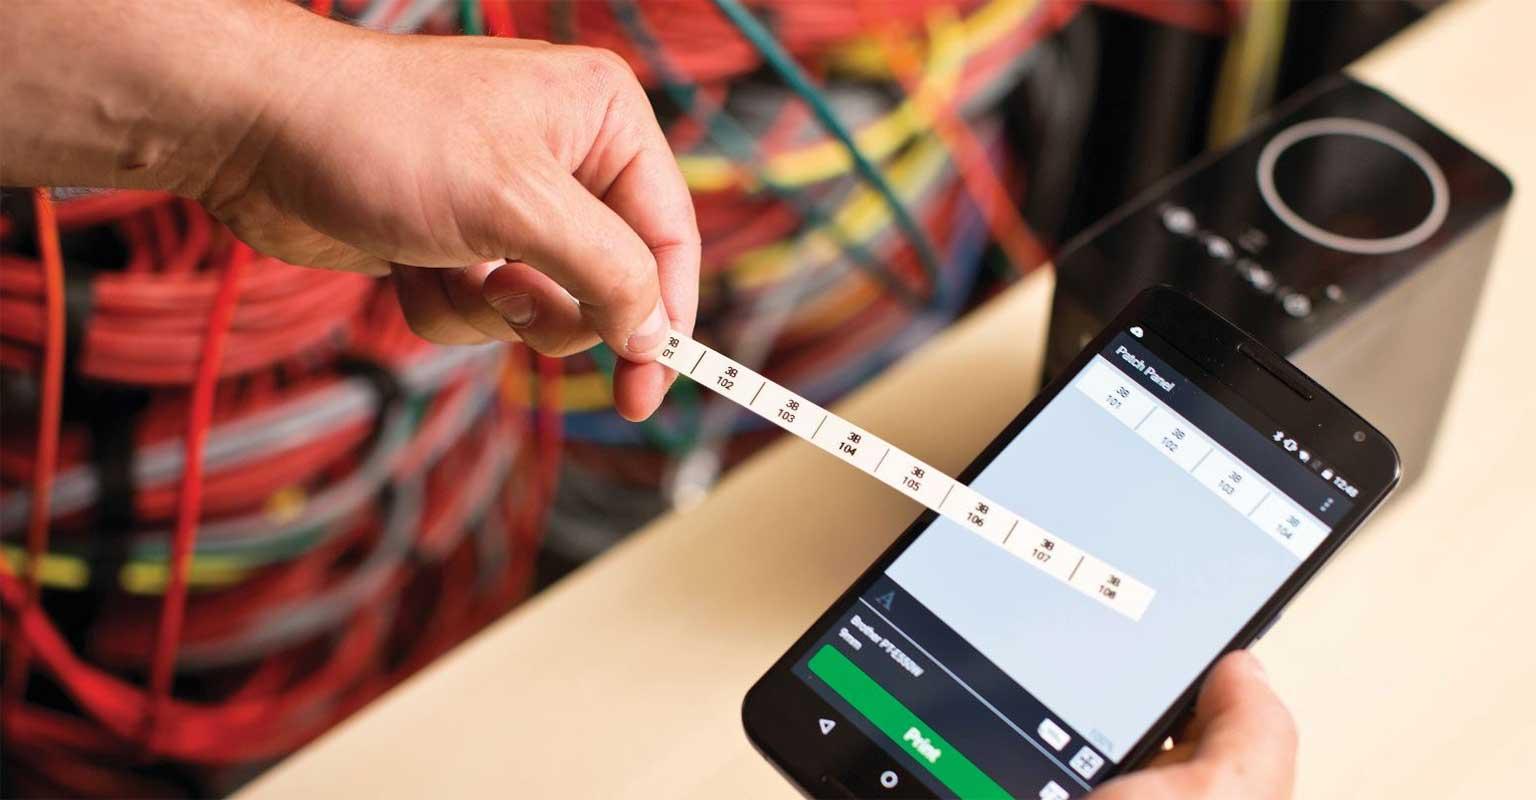 Tarrojen suunniteleminen älypuhelimen appsilla